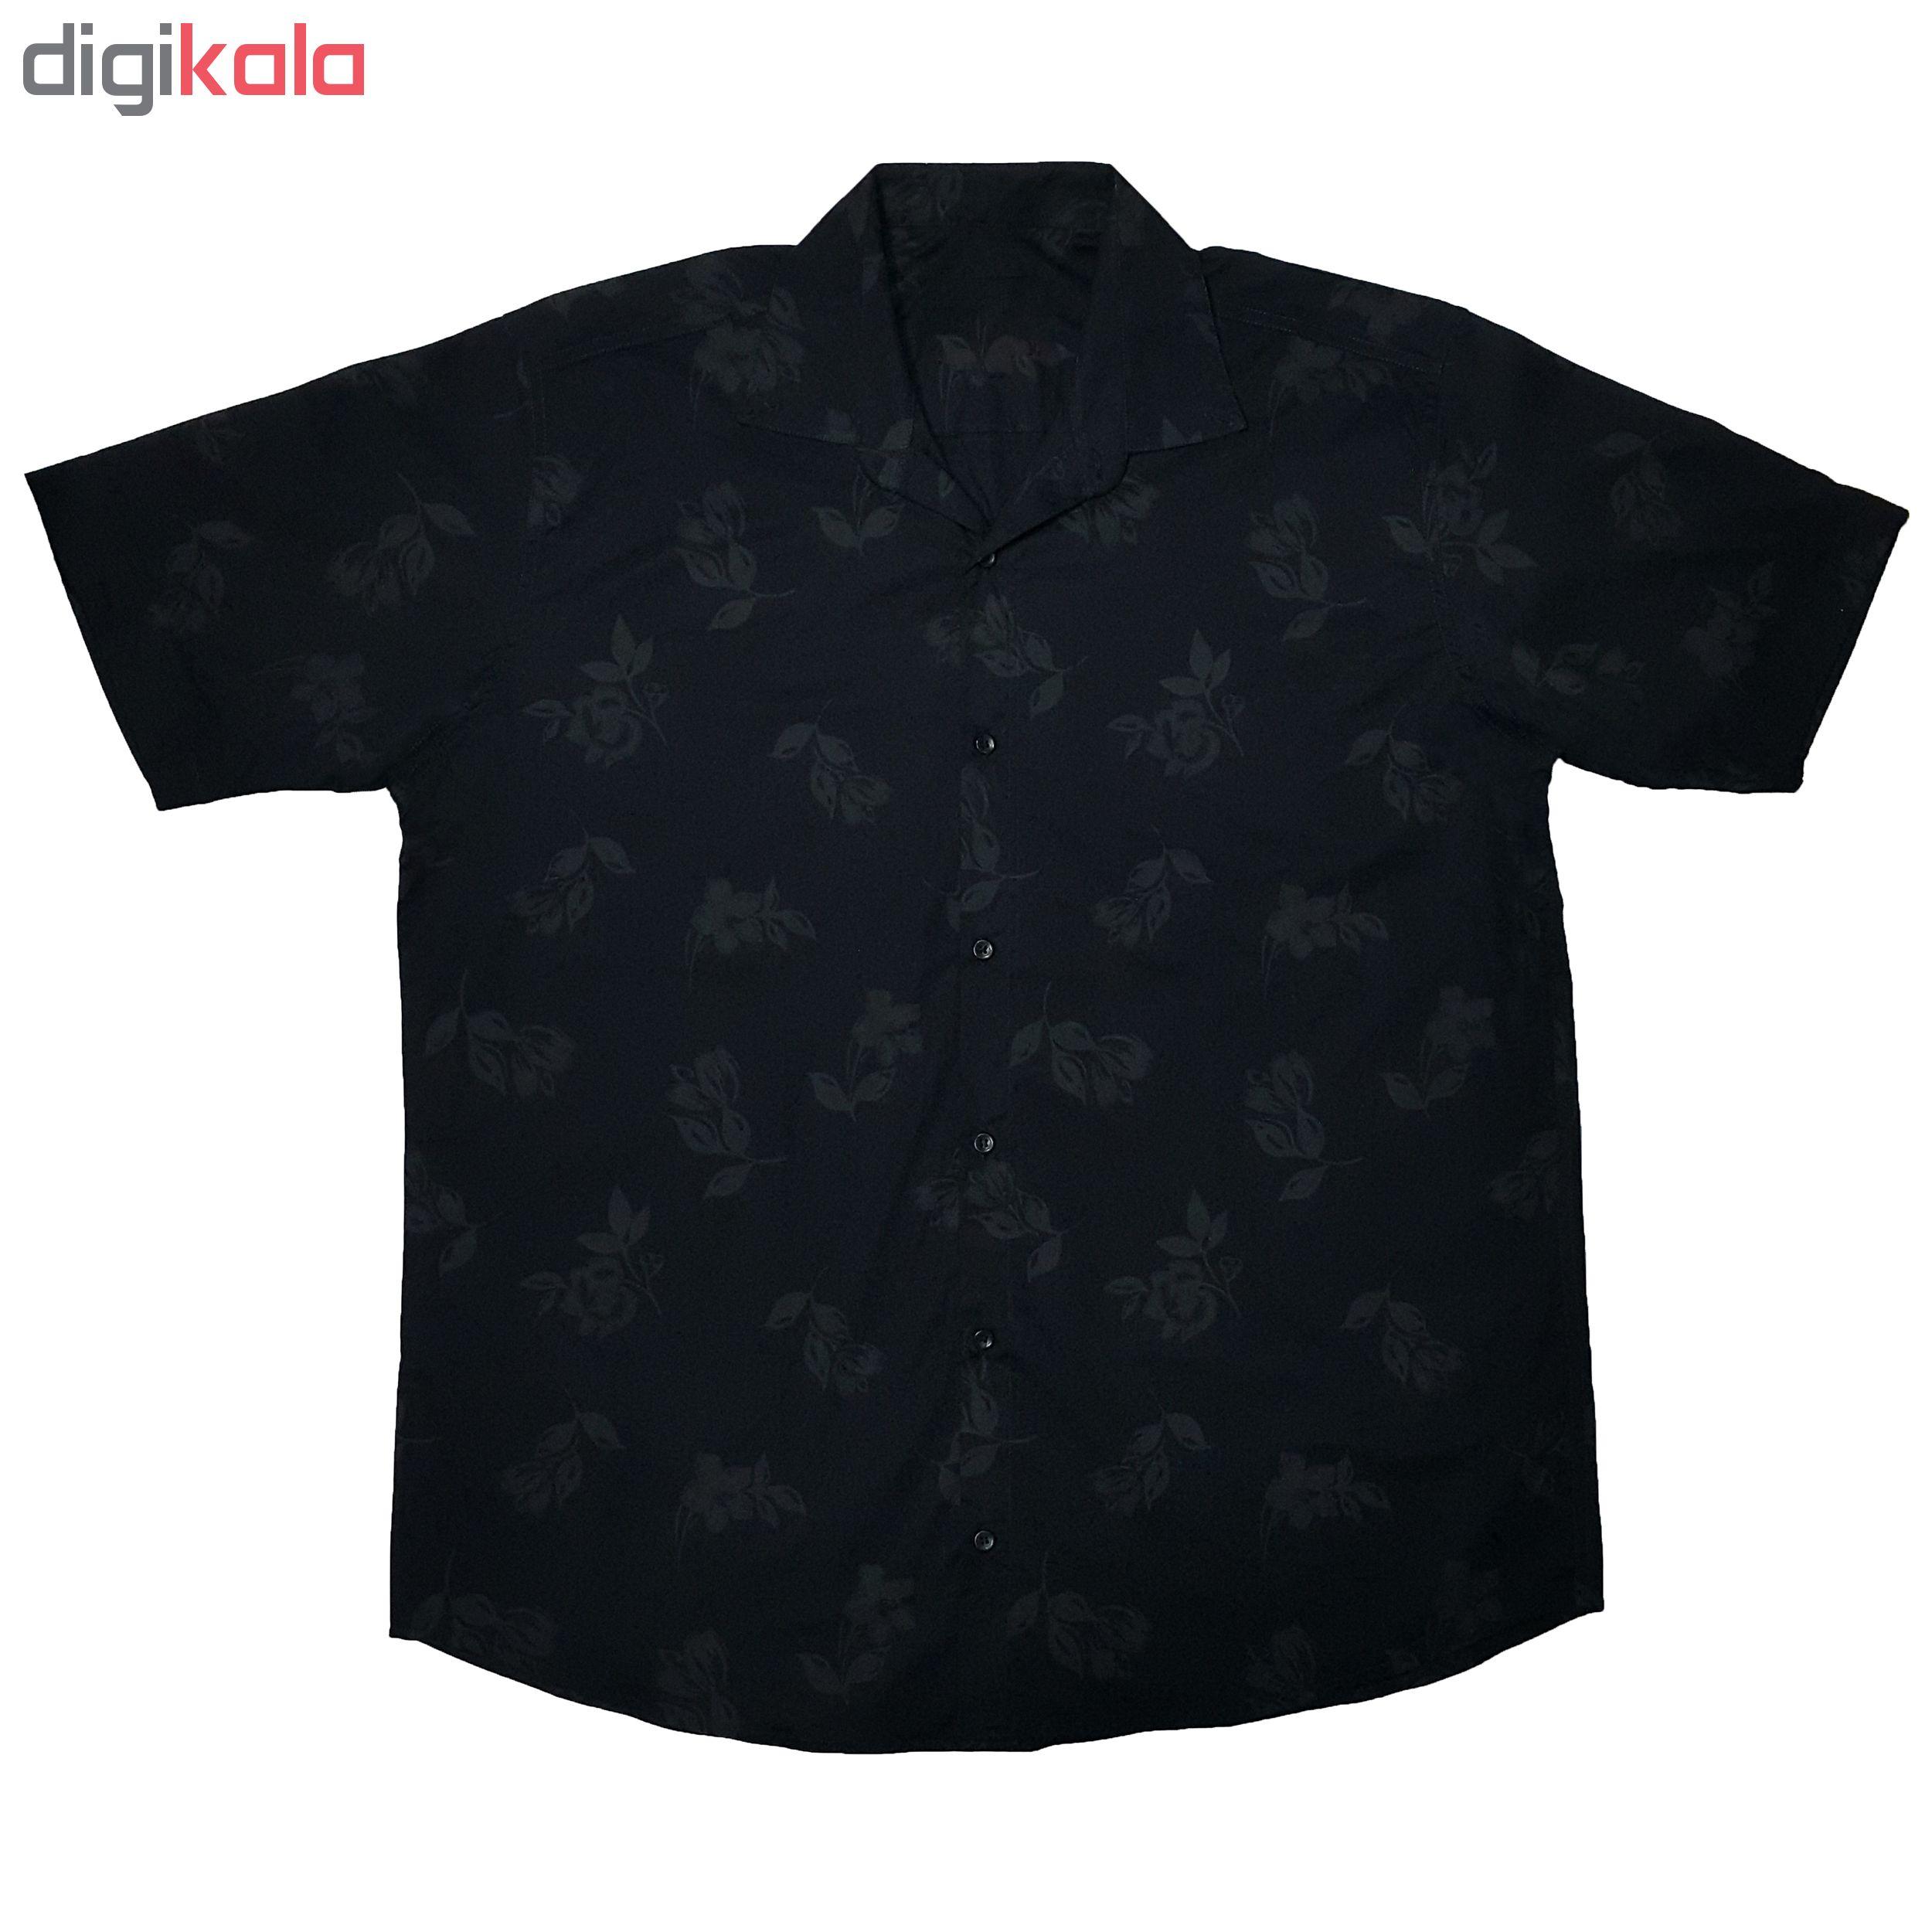 پیراهن آستین کوتاه مردانه کد P12